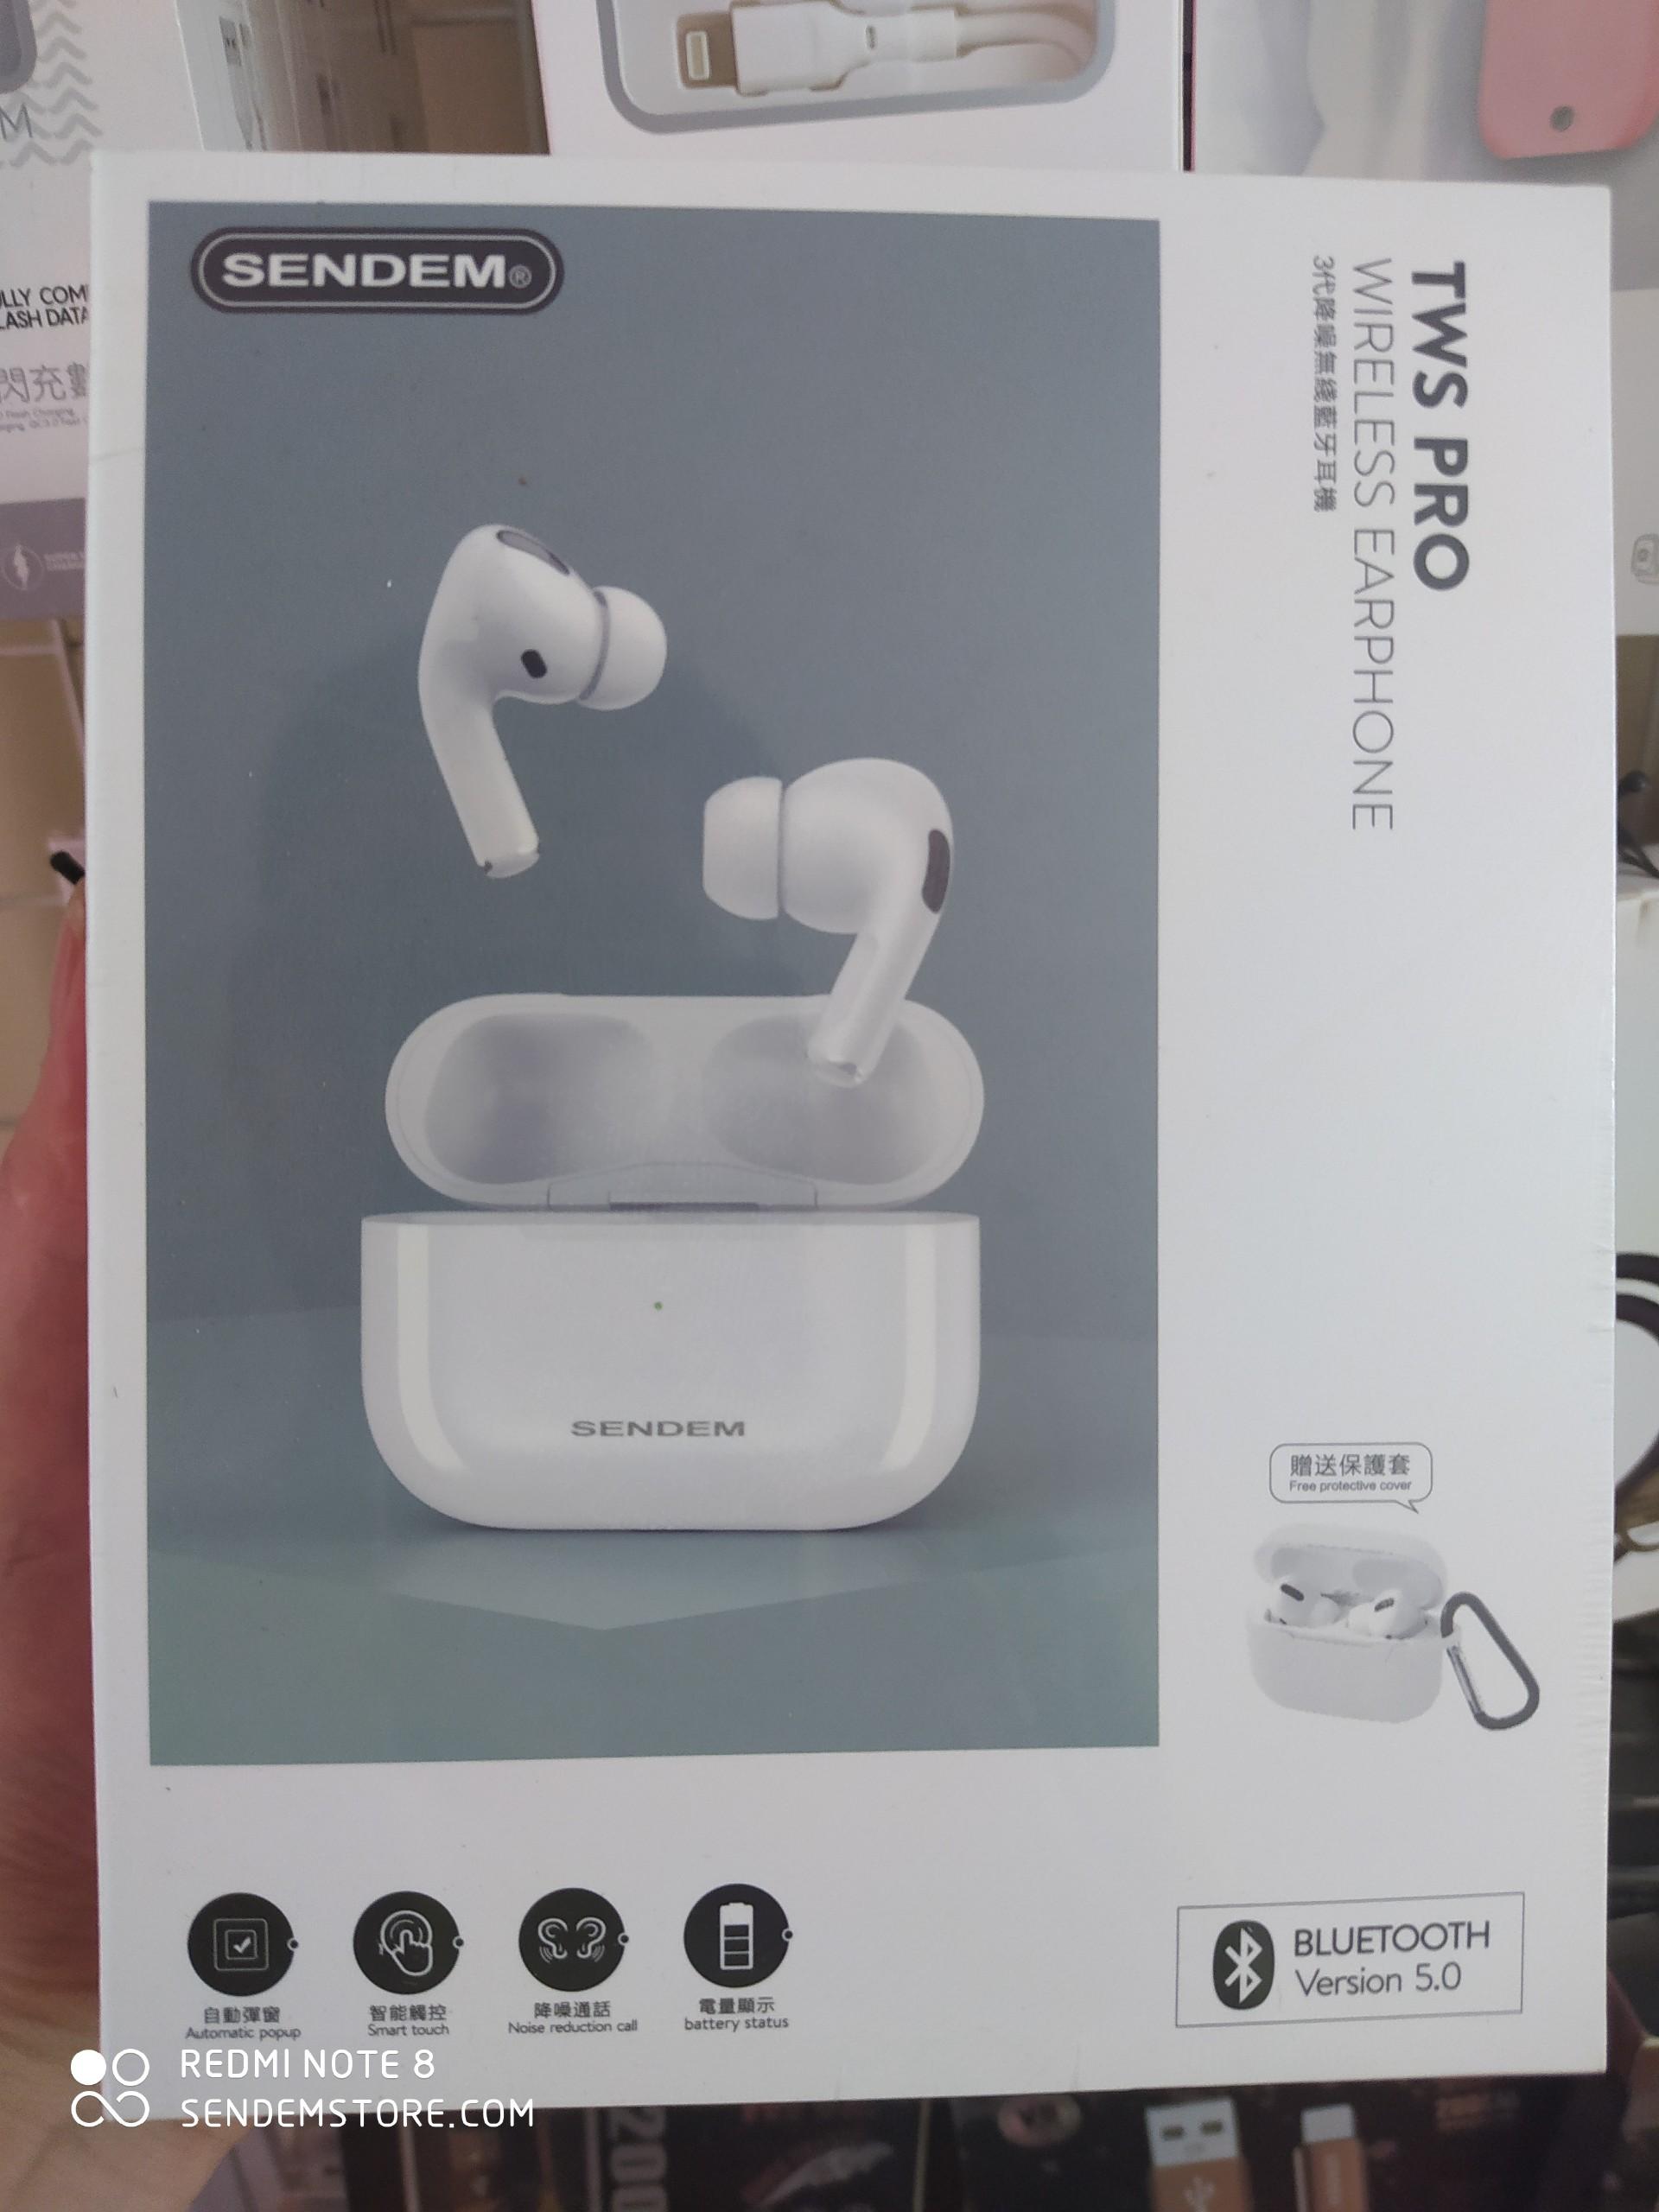 Tai nghe True Wireless SENDEM TWS PRO Bluetooth V5.0 hỗ trợ định vị, sạc không dây - Hàng chính hãng